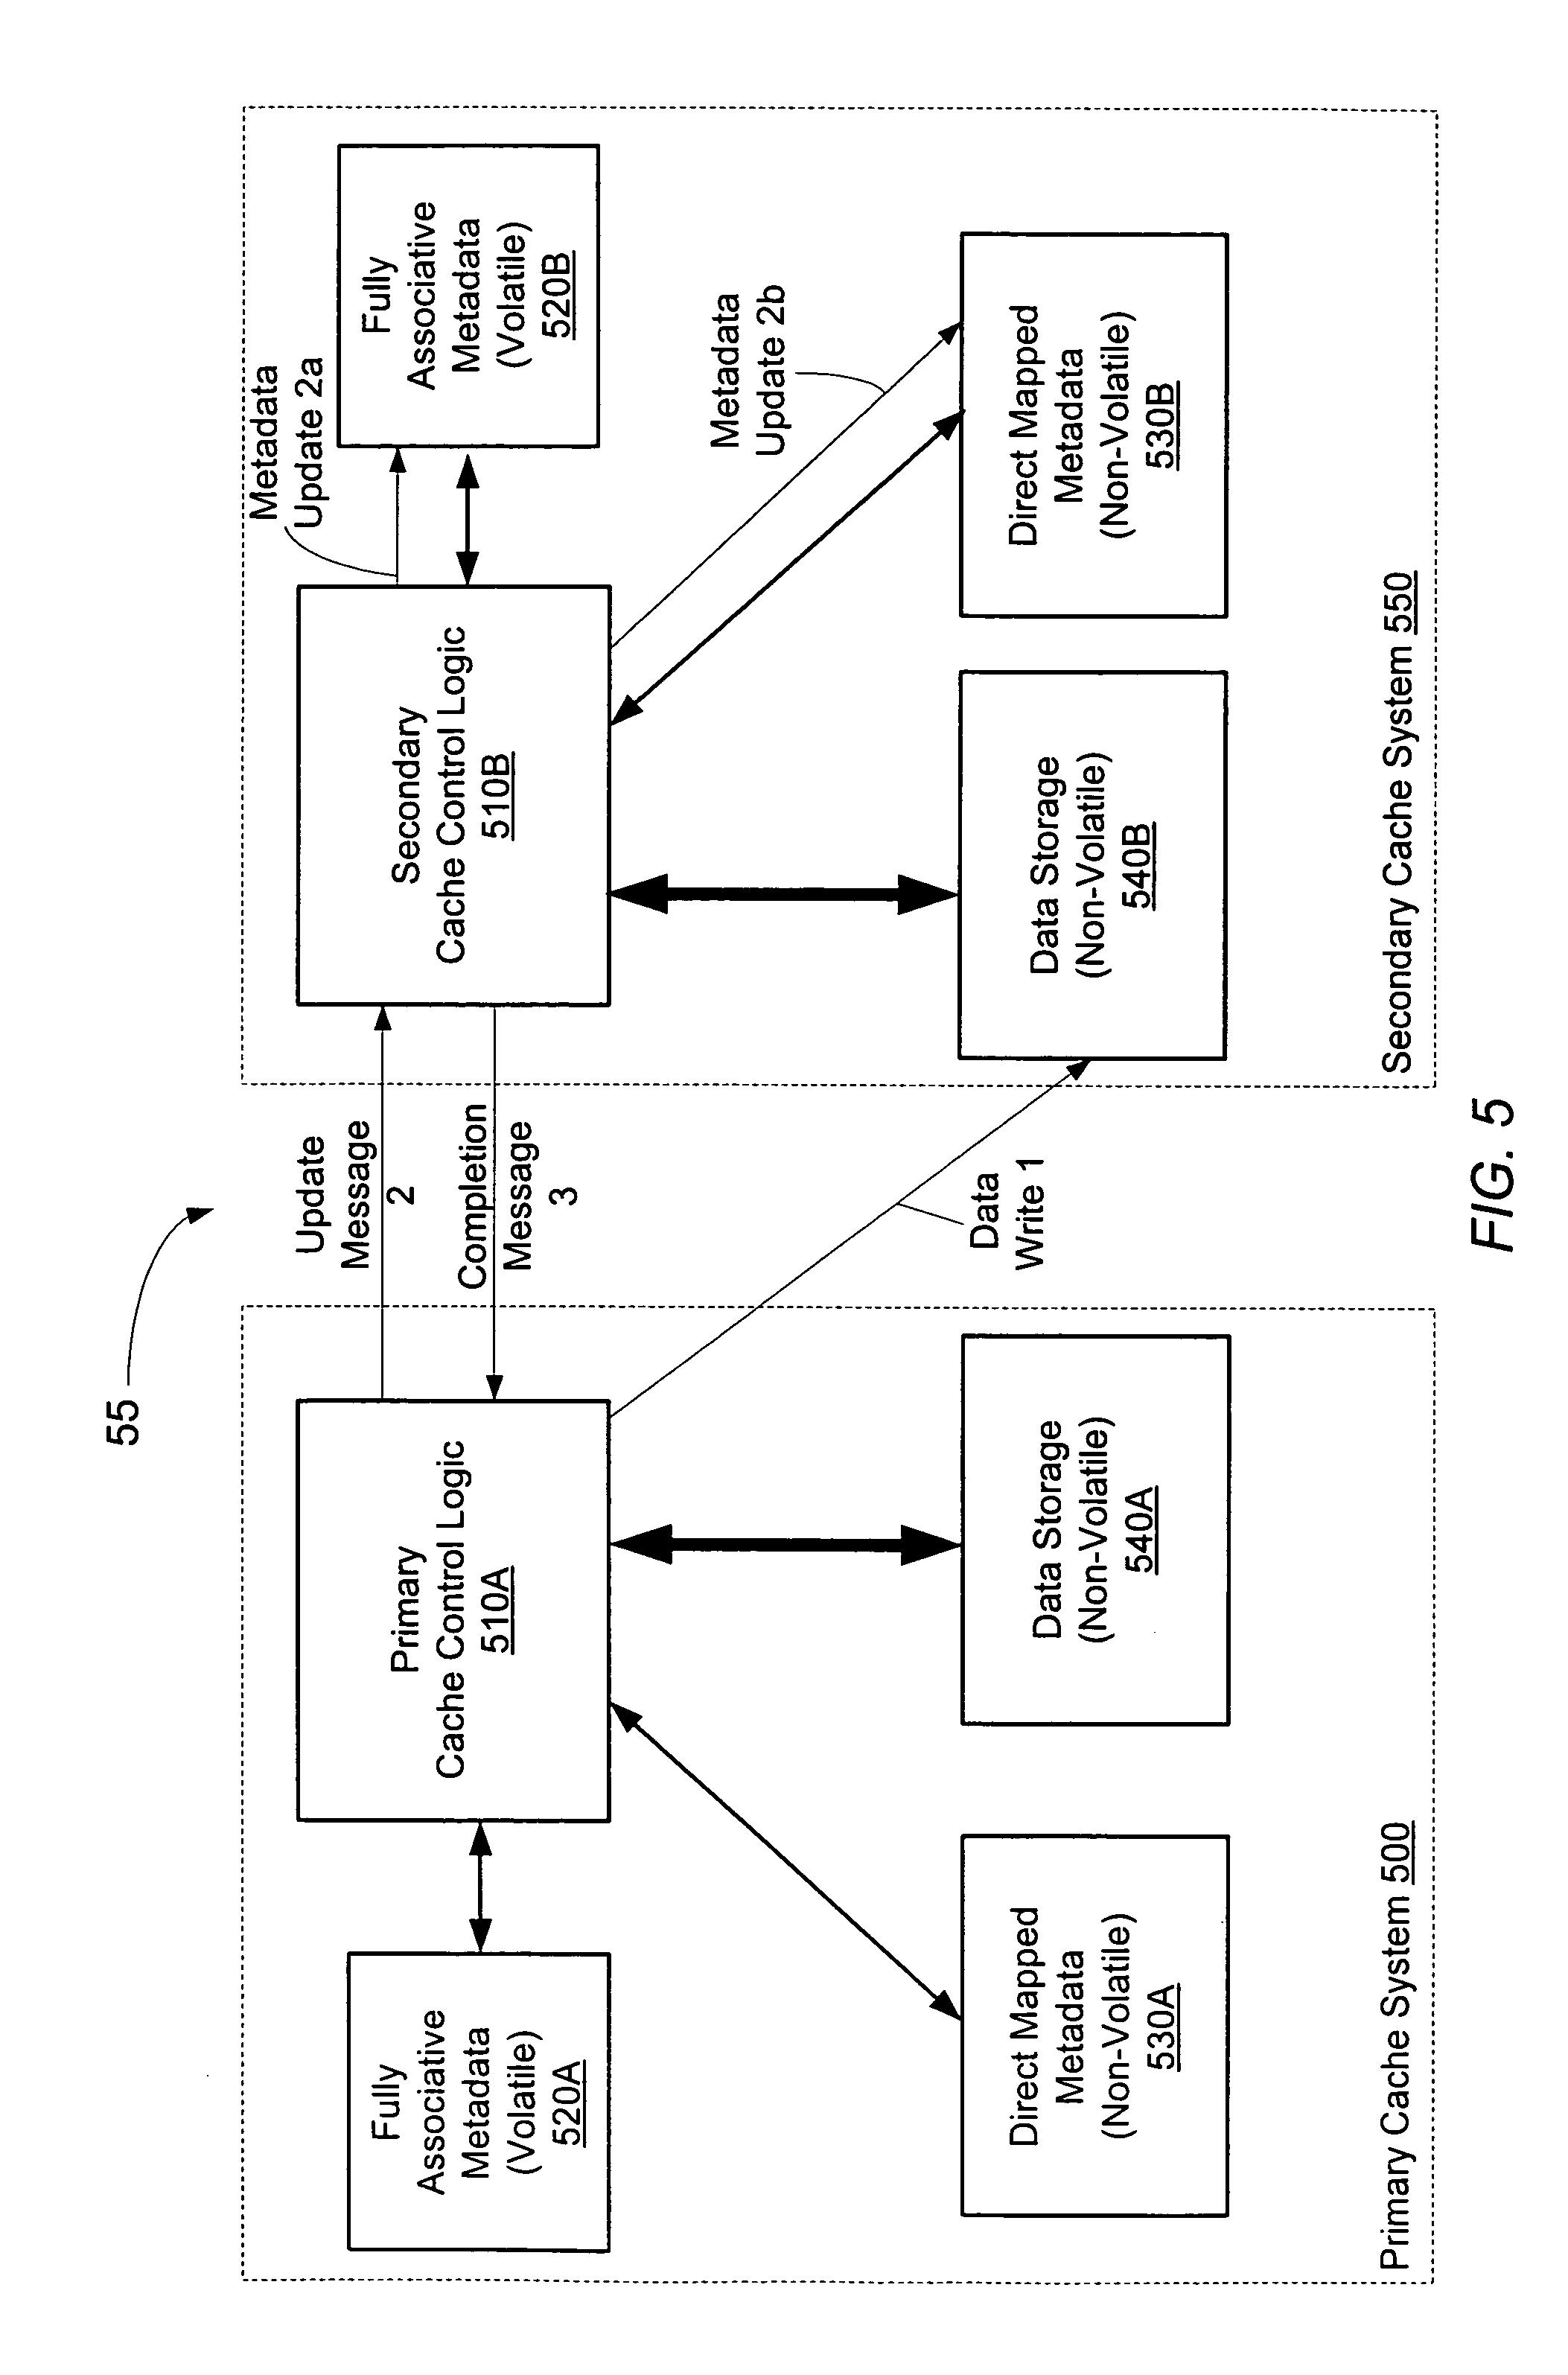 patent us7130957